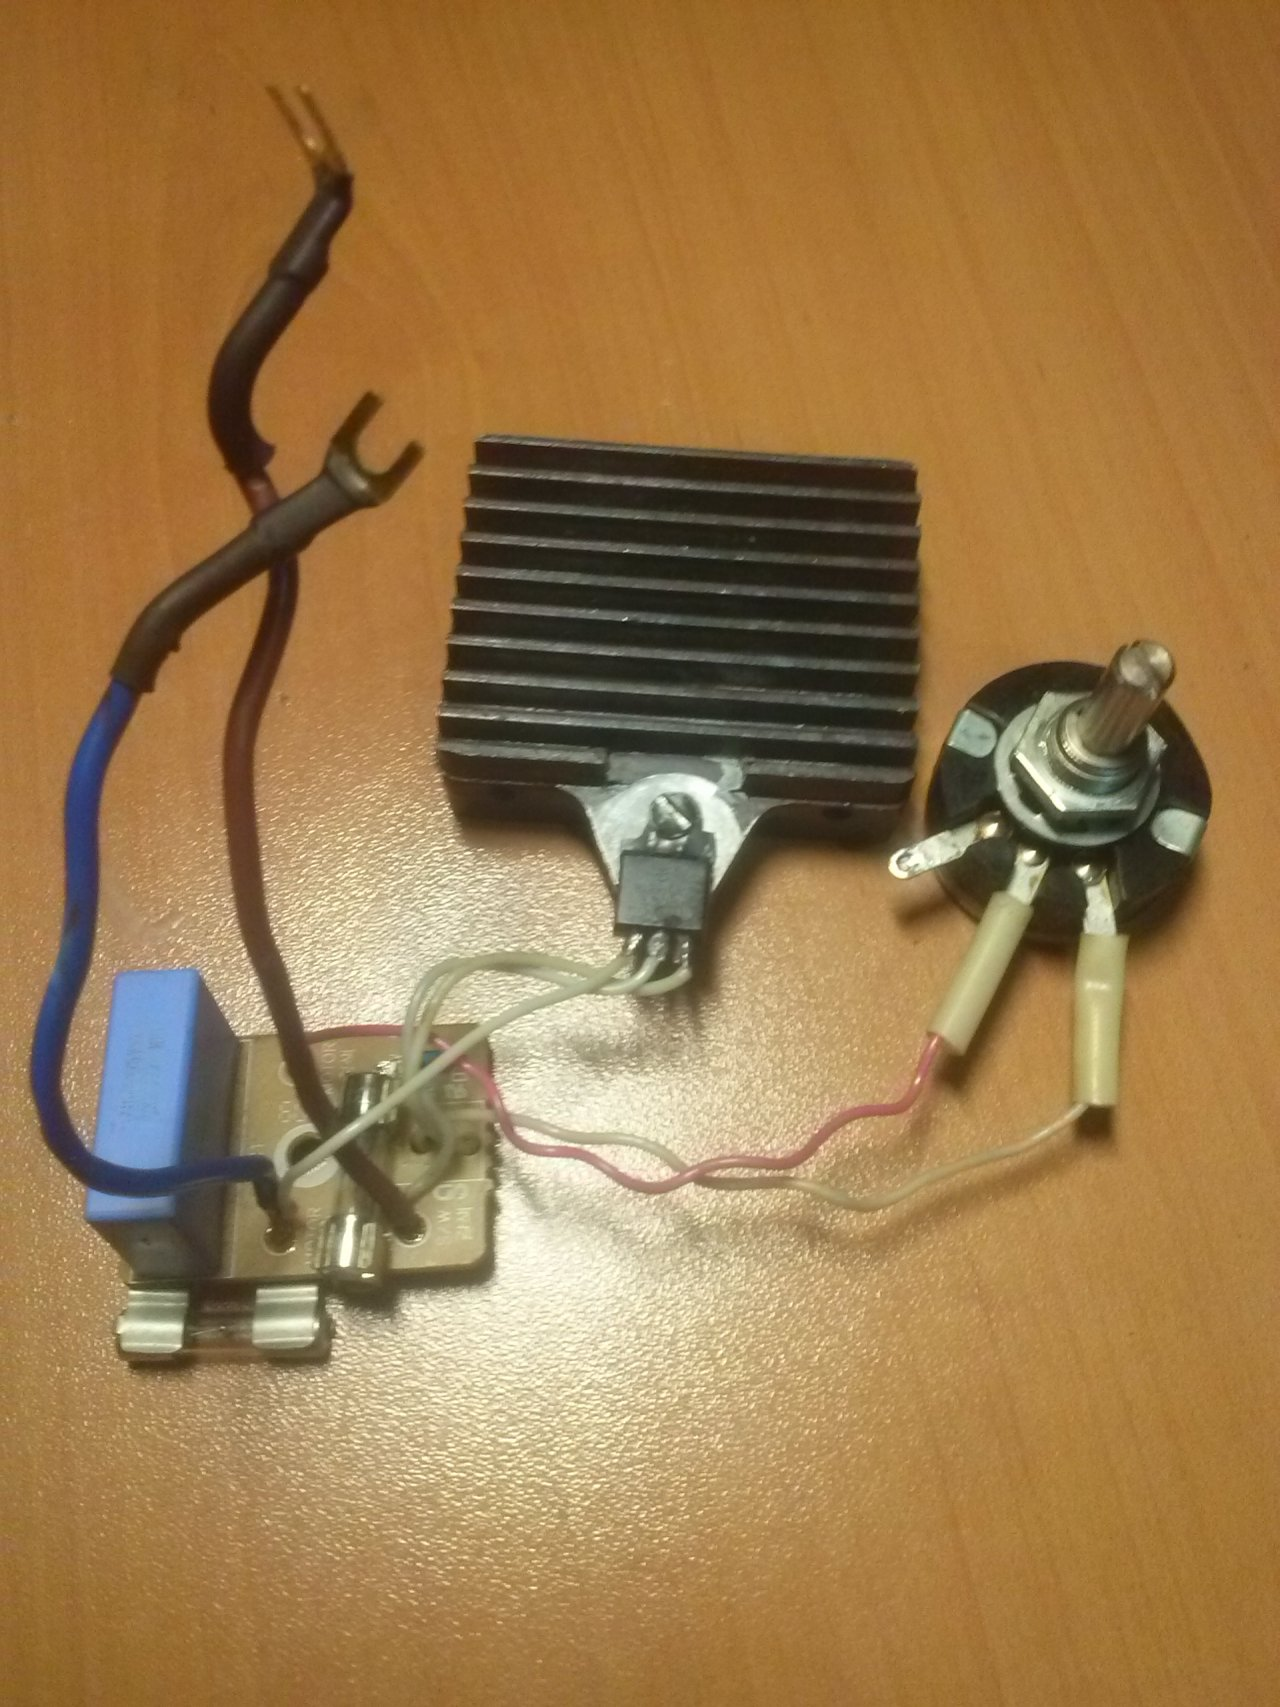 Регулятор мощности электроинструмента и бытовых приборов от сетевого напряжения